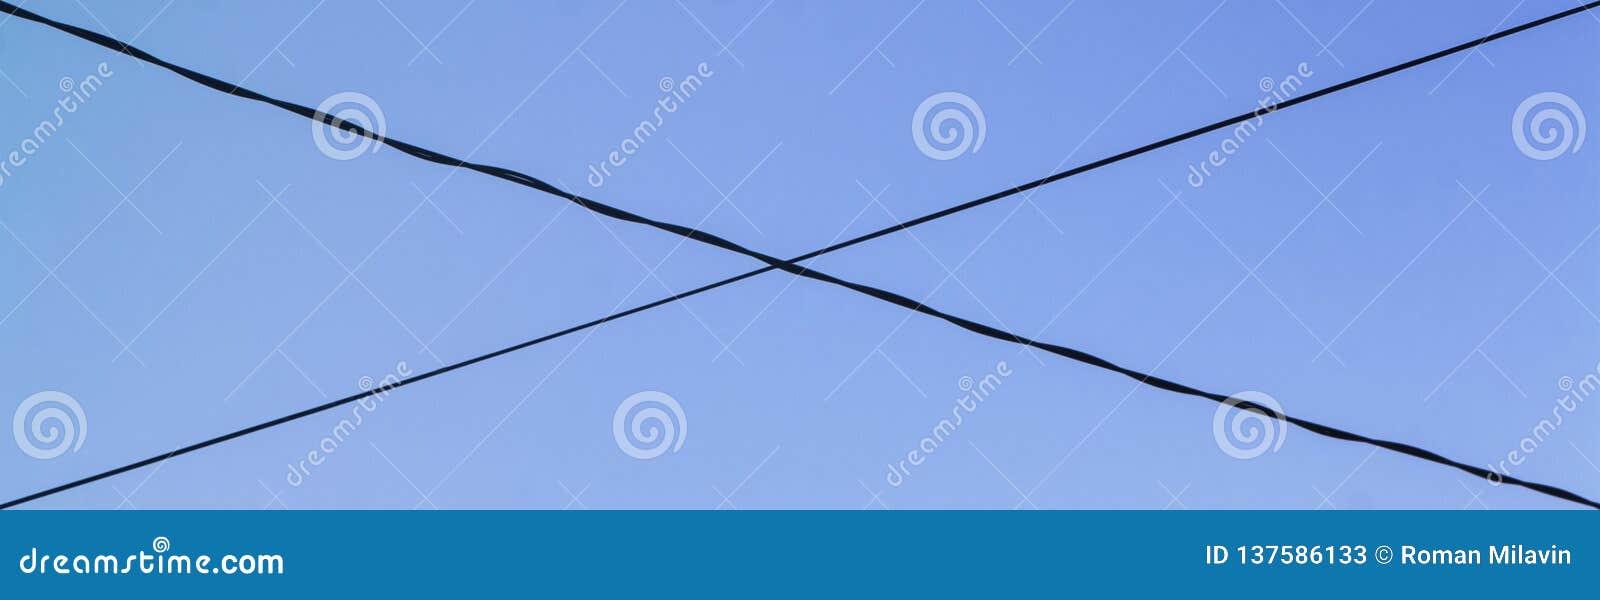 反对天空蔚蓝的交叉线